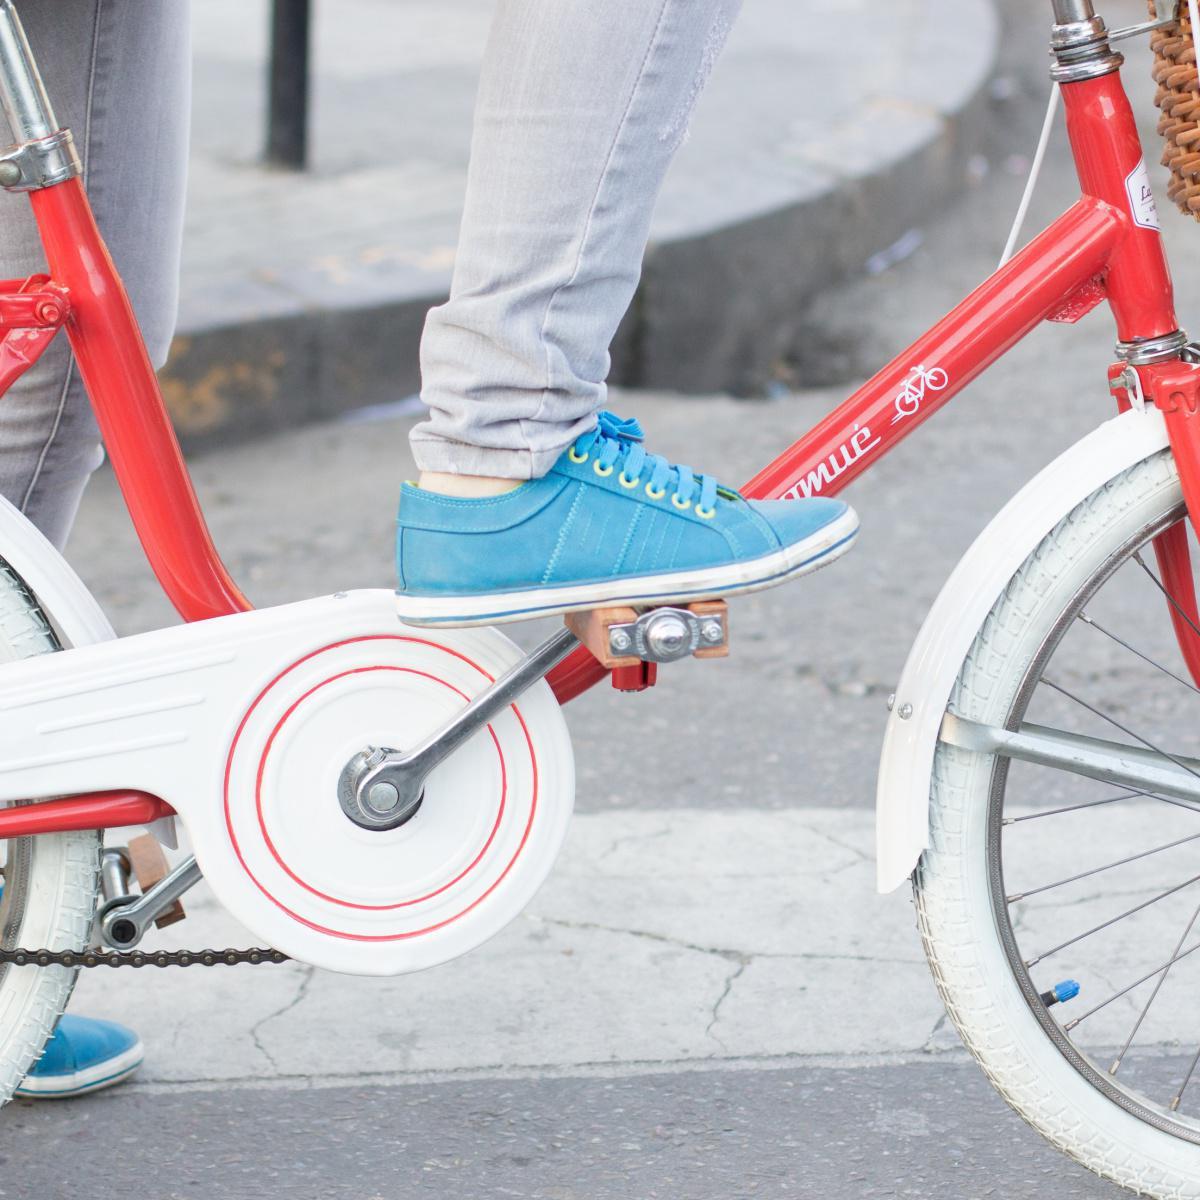 Normativa sobre bicicletas, patines y patinetes